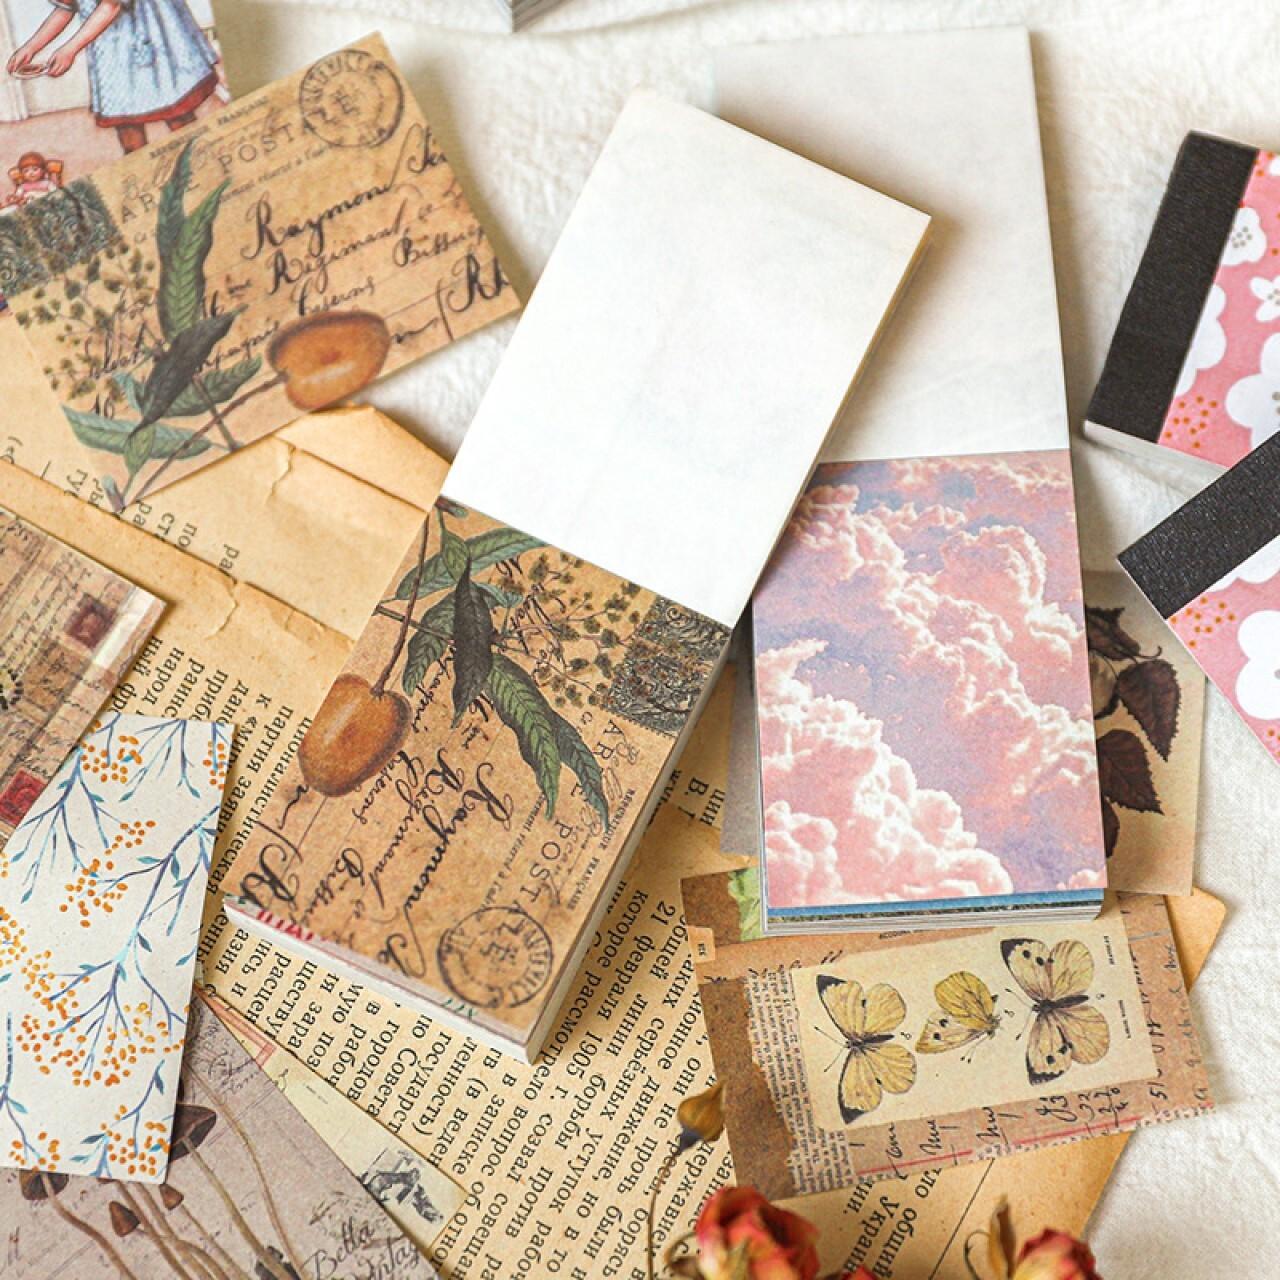 素材紙 全3種 ミニサイズ マテリアルブック 背景紙 コラージュ 素材 紙もの 背景紙 きのこ レトロ 花柄 風景柄 C14